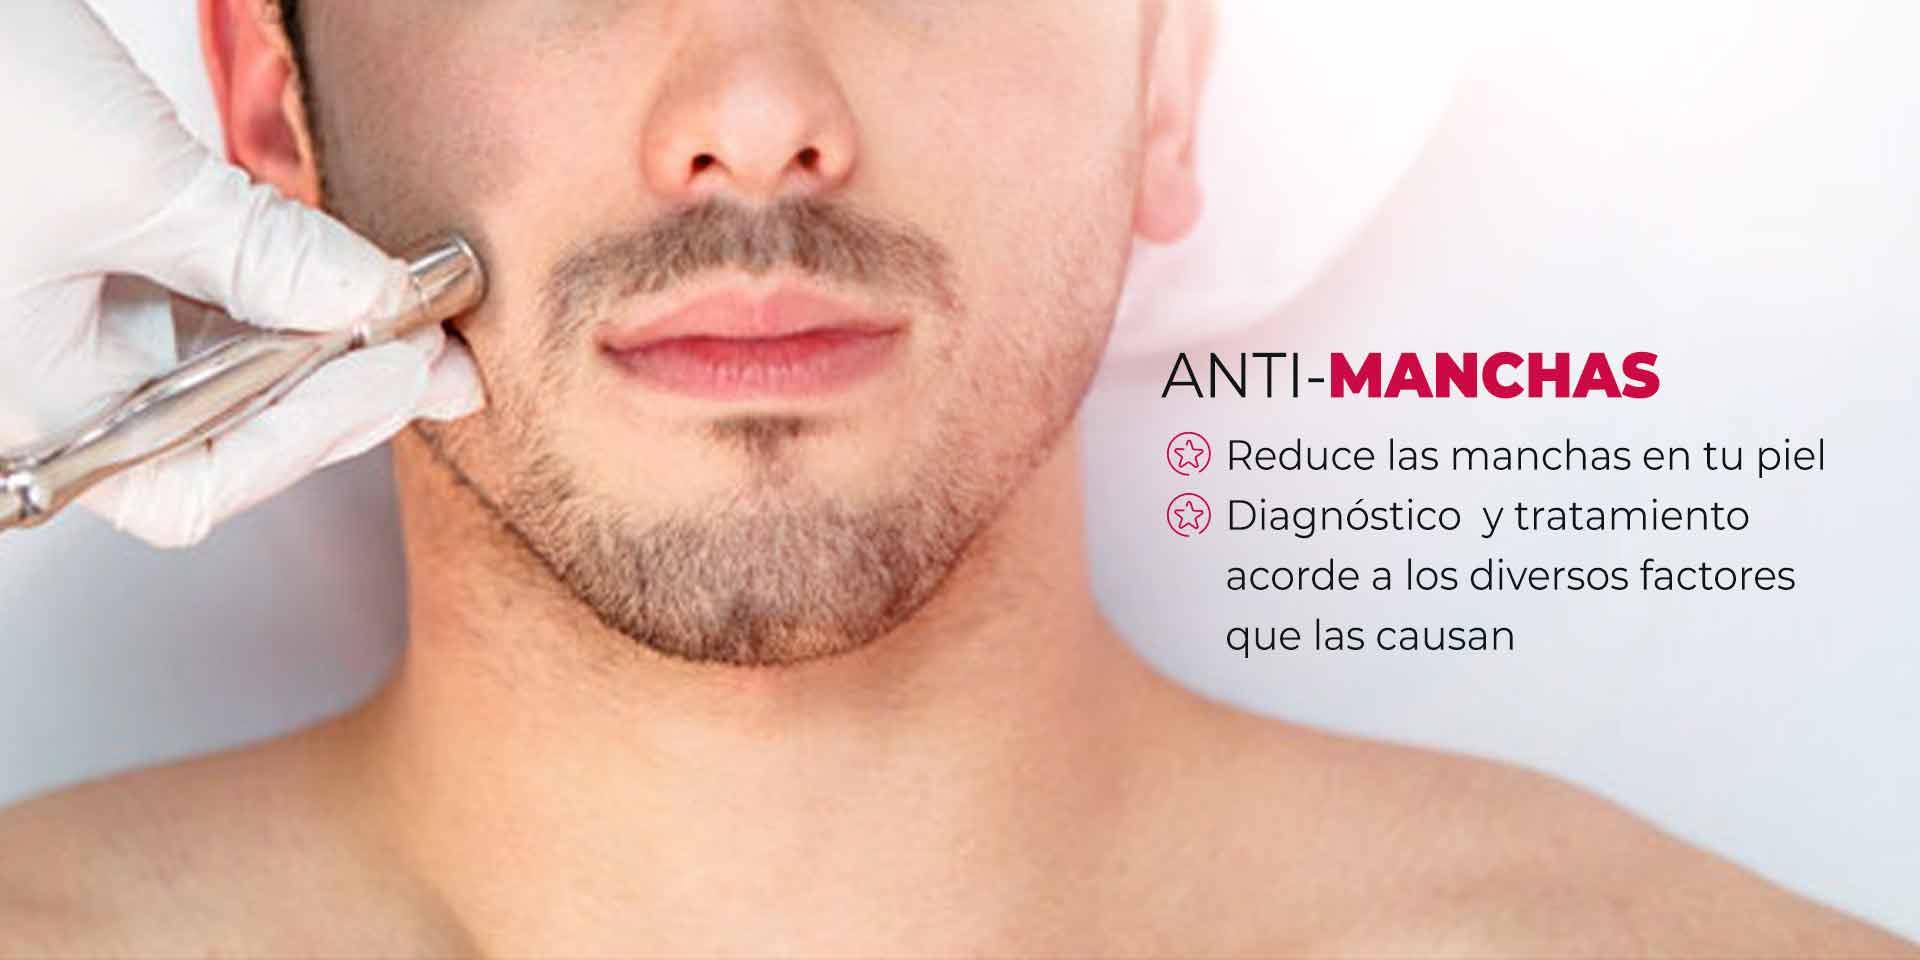 Tratamiento para manchas en la piel en hombres en CDMX